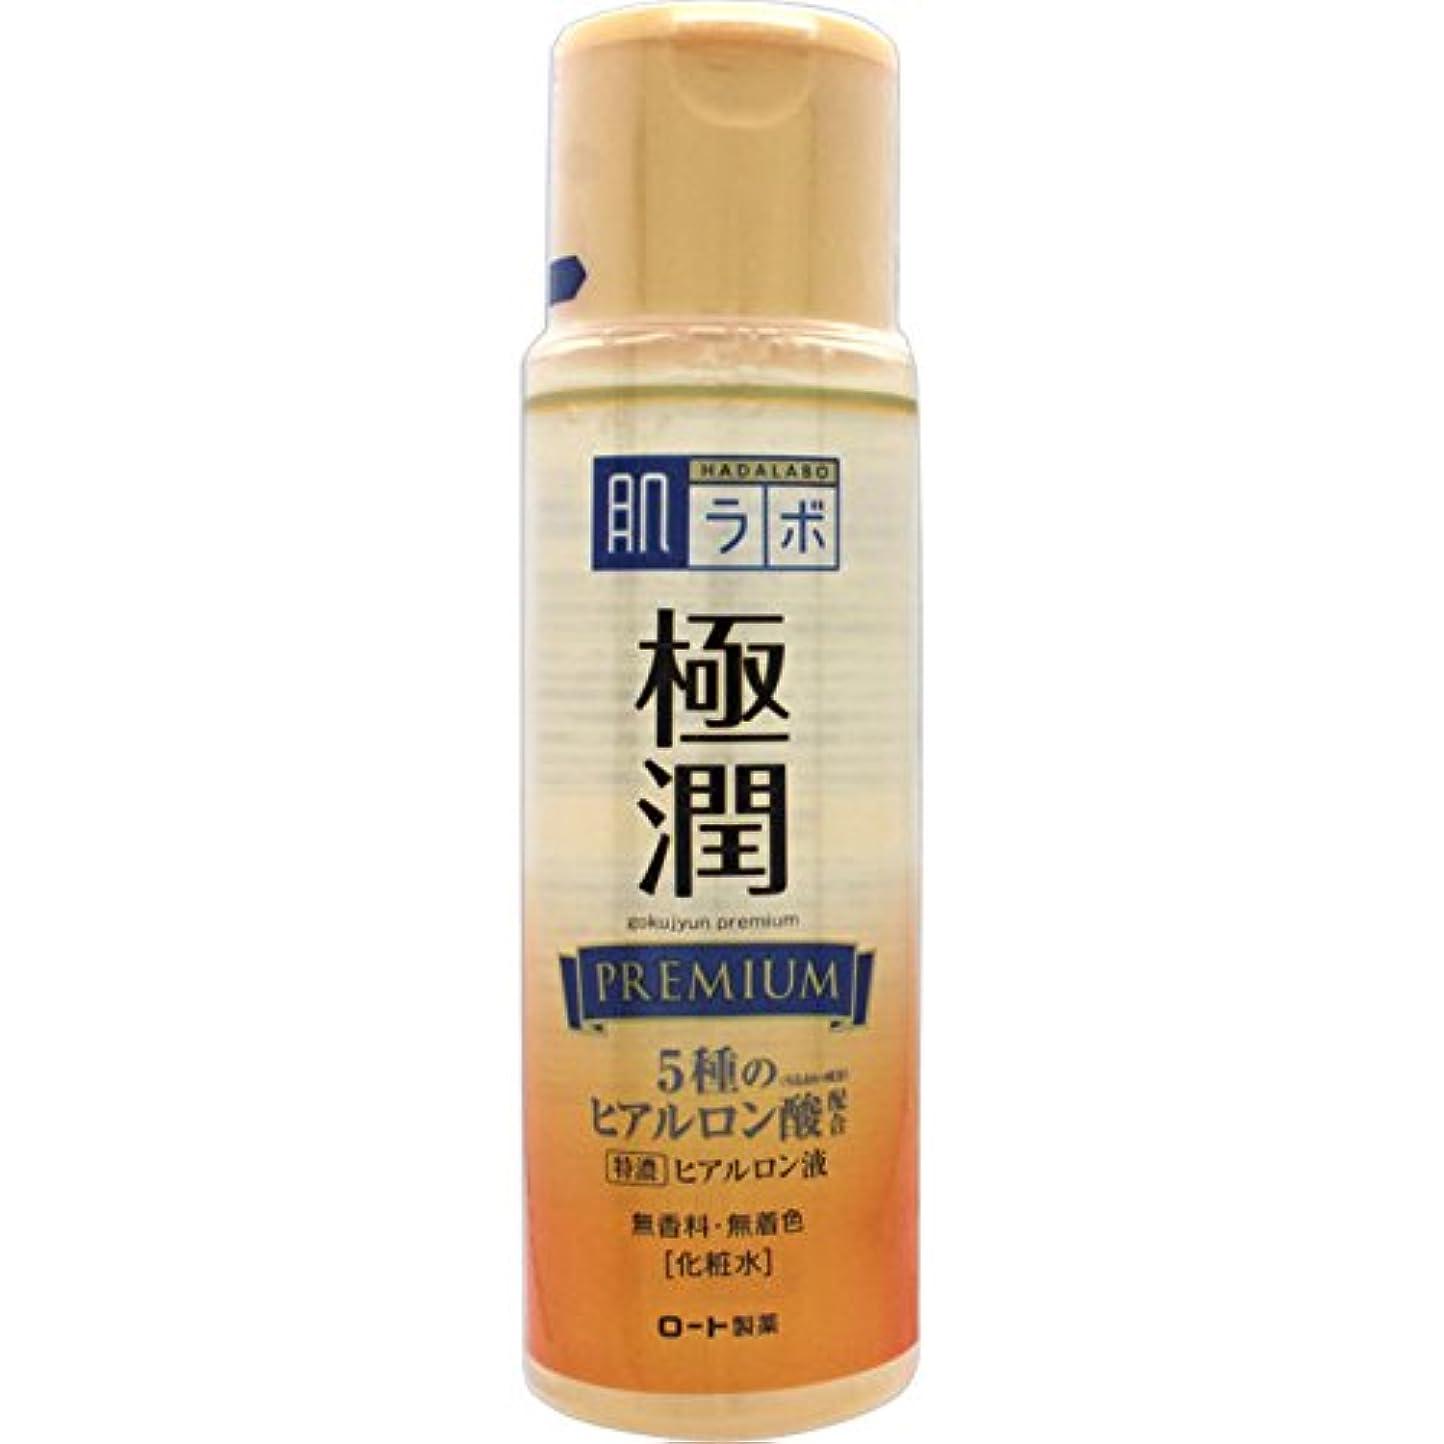 異議ヘア取り壊す肌ラボ 極潤プレミアム 特濃ヒアルロン酸 化粧水 ヒアルロン酸5種類×サクラン配合 170mL